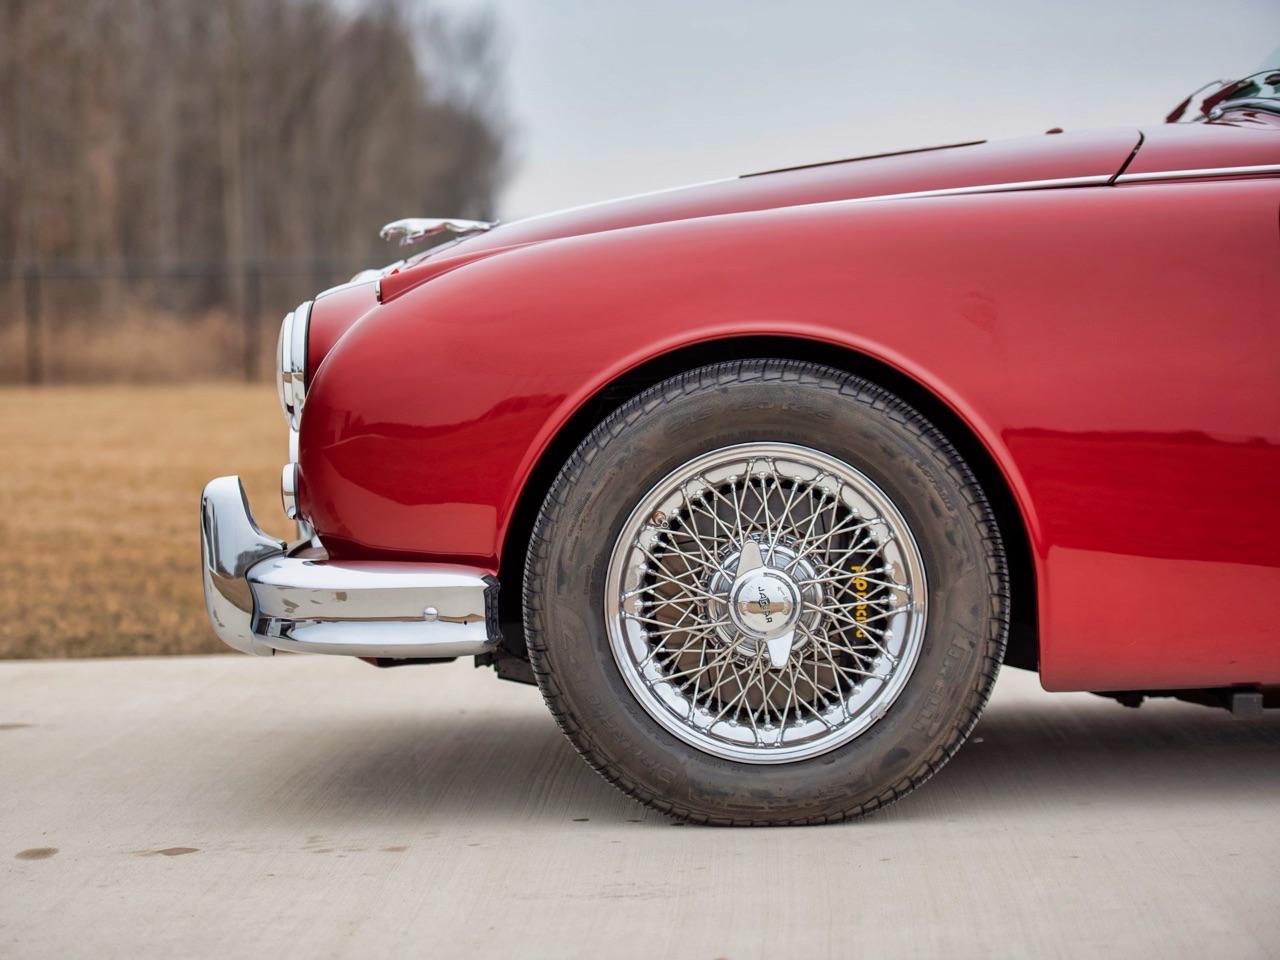 Restomod Jaguar Mk2 3.8... enfin, plutôt Beacham V8 Supercharged ! 3